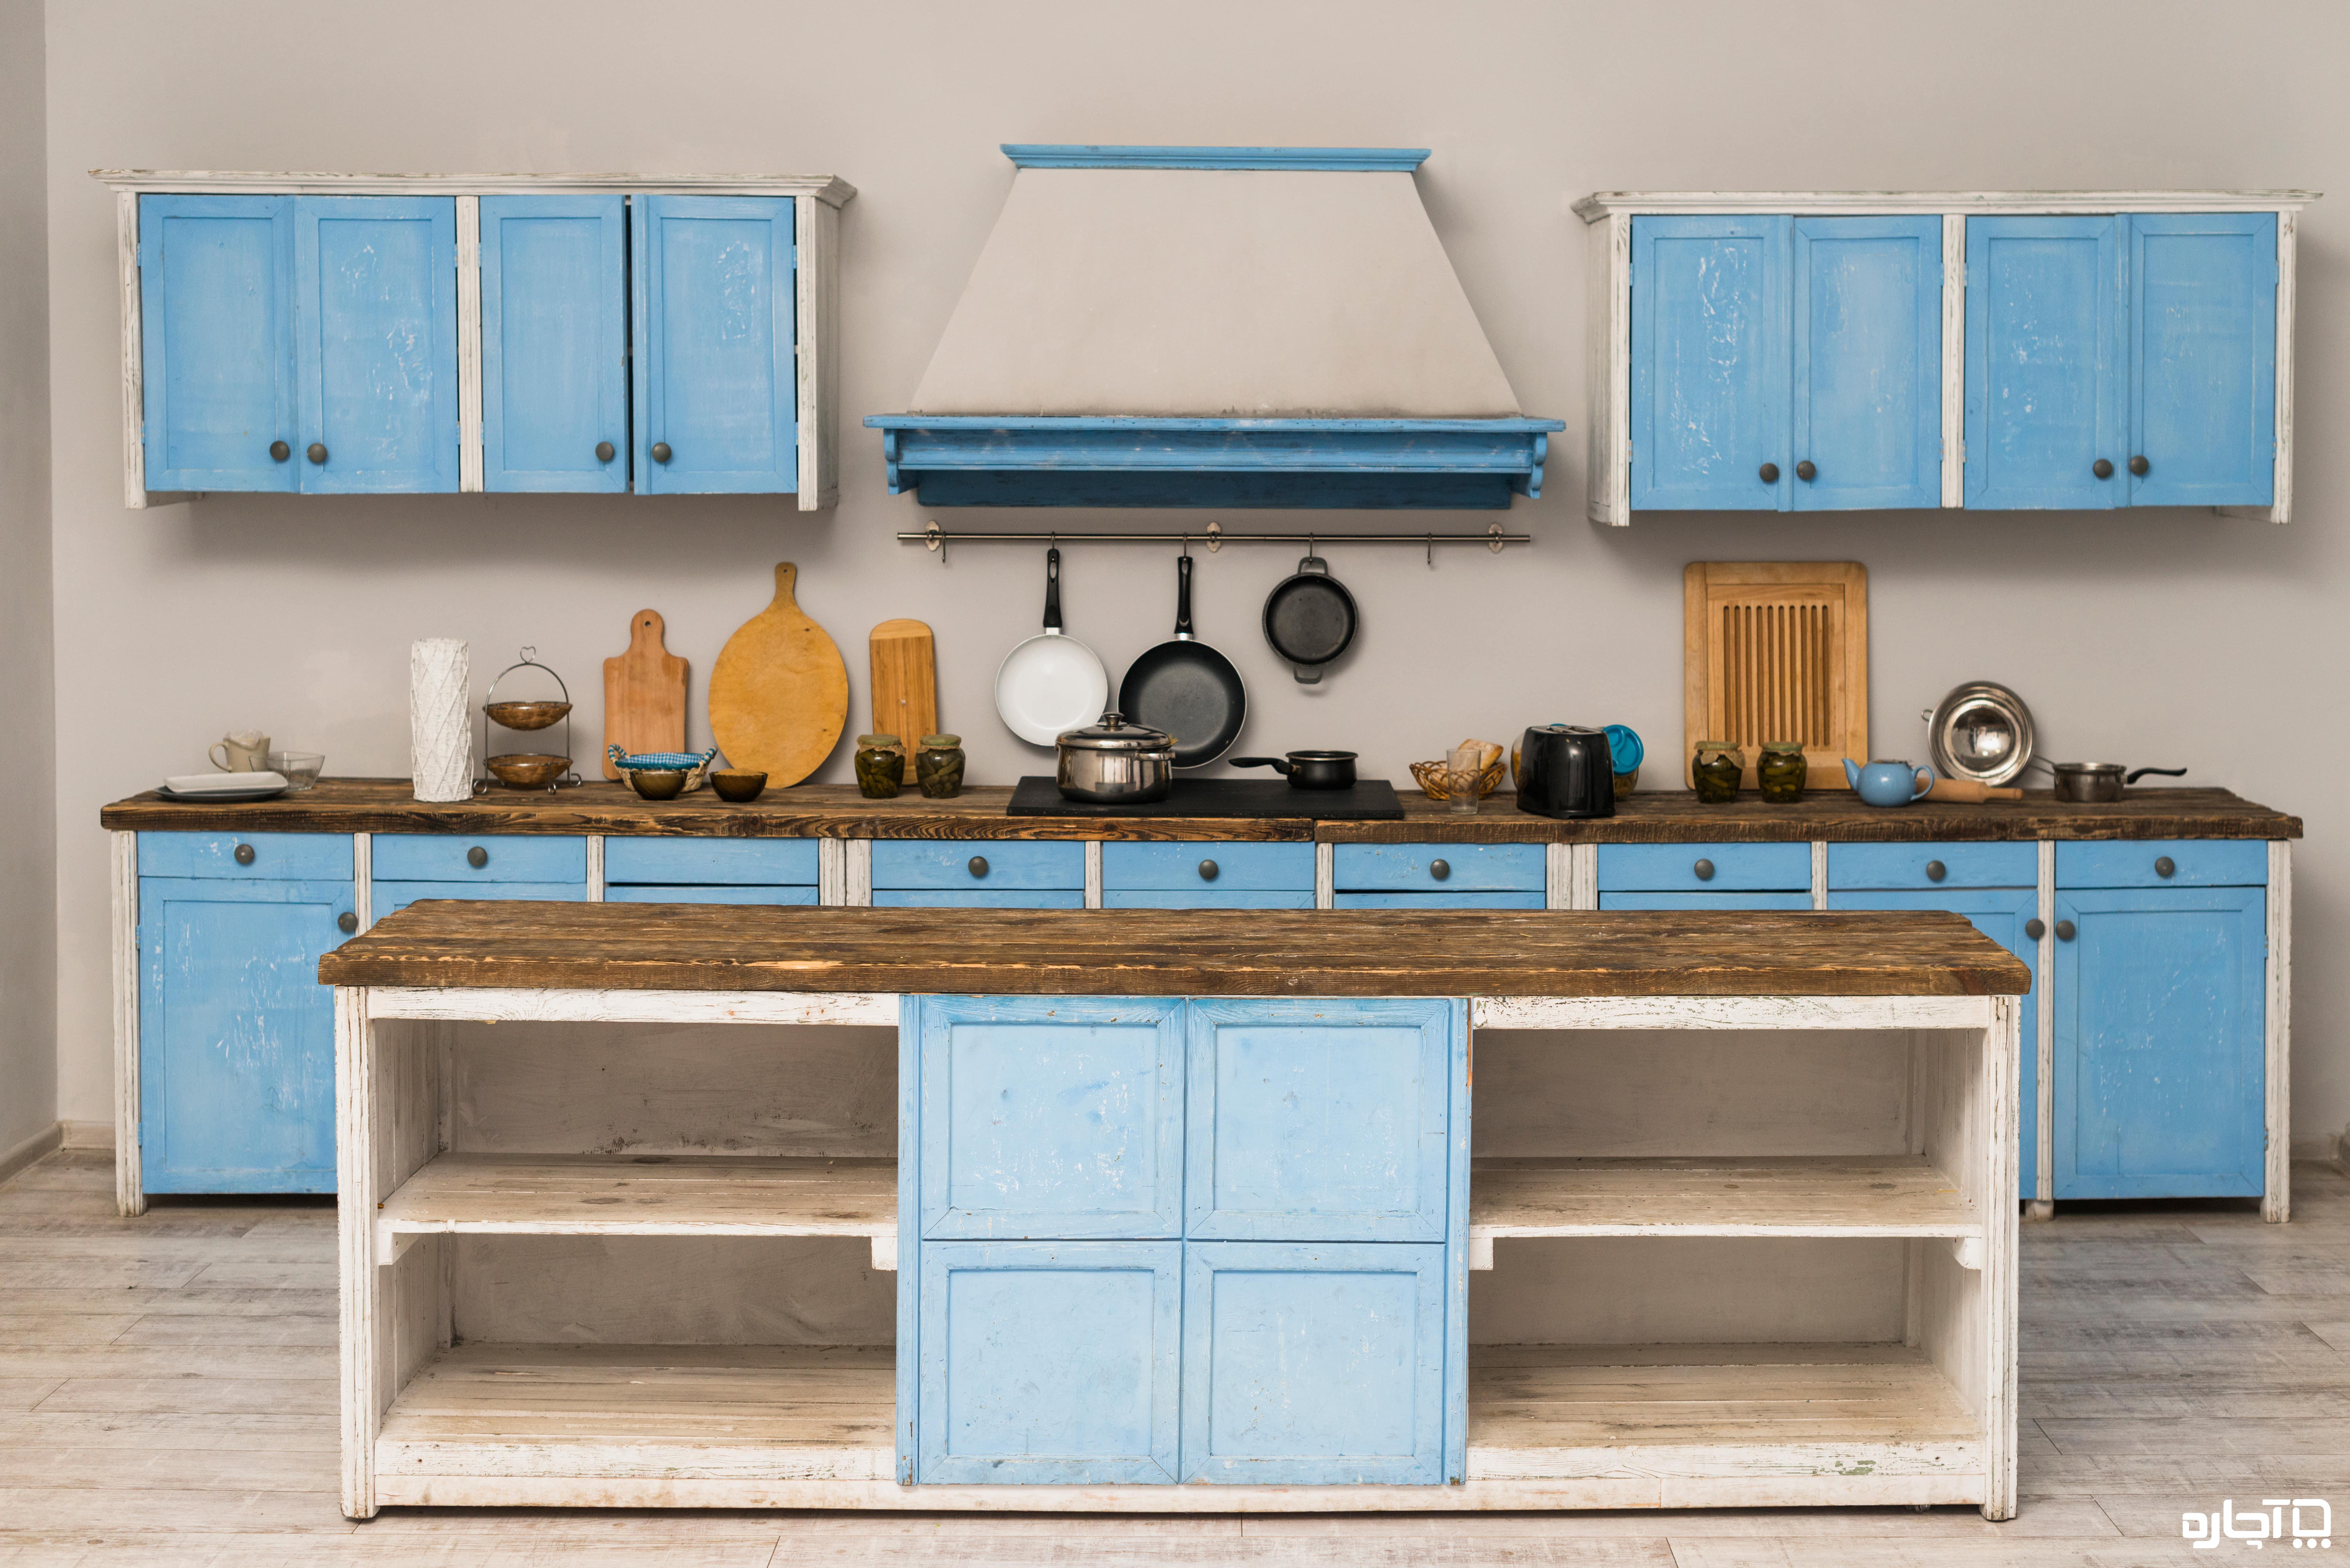 قیمت طراحی و ساخت کابینت آشپزخانه